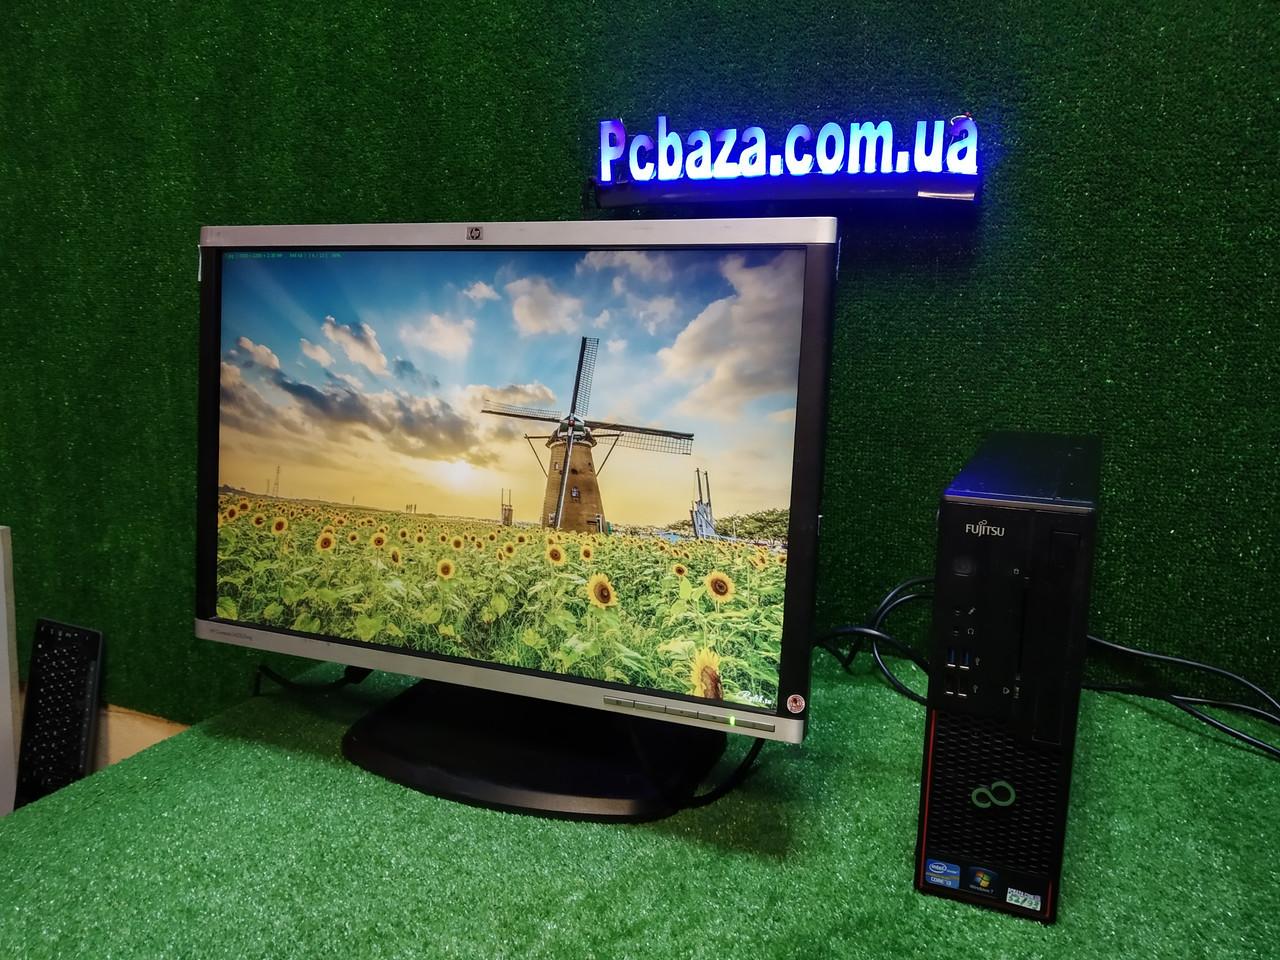 """ПК + монитор 22"""", i3-3220 3.3, 4 ГБ, 160 Гб, 2xCOM, 10 USB, USB 3.0 Настроен. Германия!"""